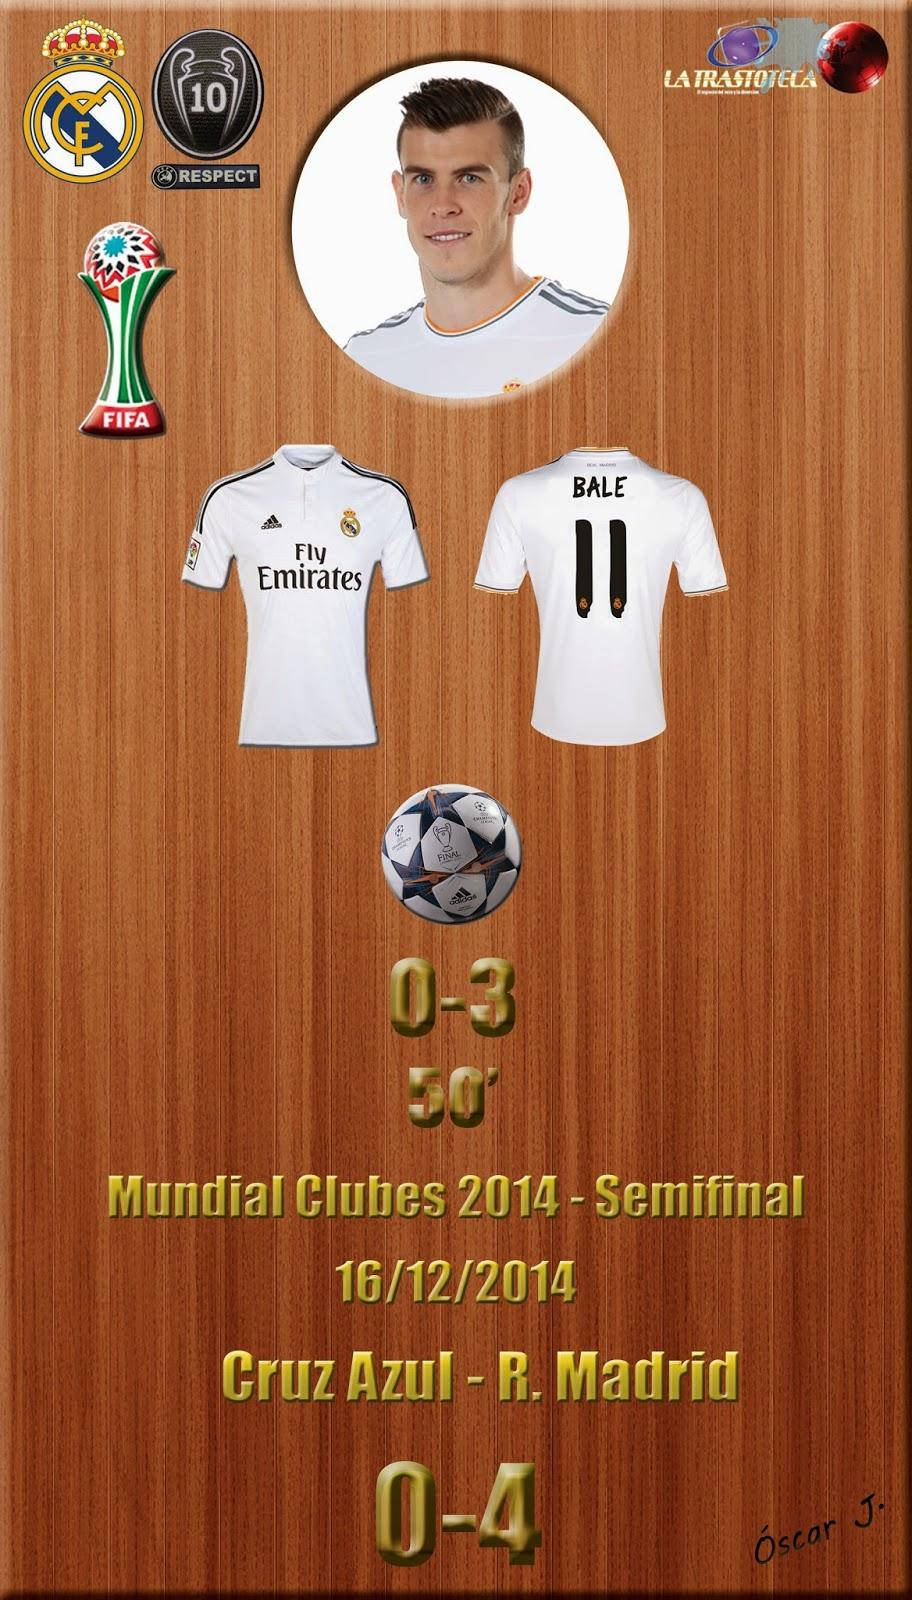 Gareth Bale (0-3) - Cruz Azul 0-4 Real Madrid - Mundial de Clubes de la FIFA MARRUECOS 2014 - Semifinales (16/12/2014)